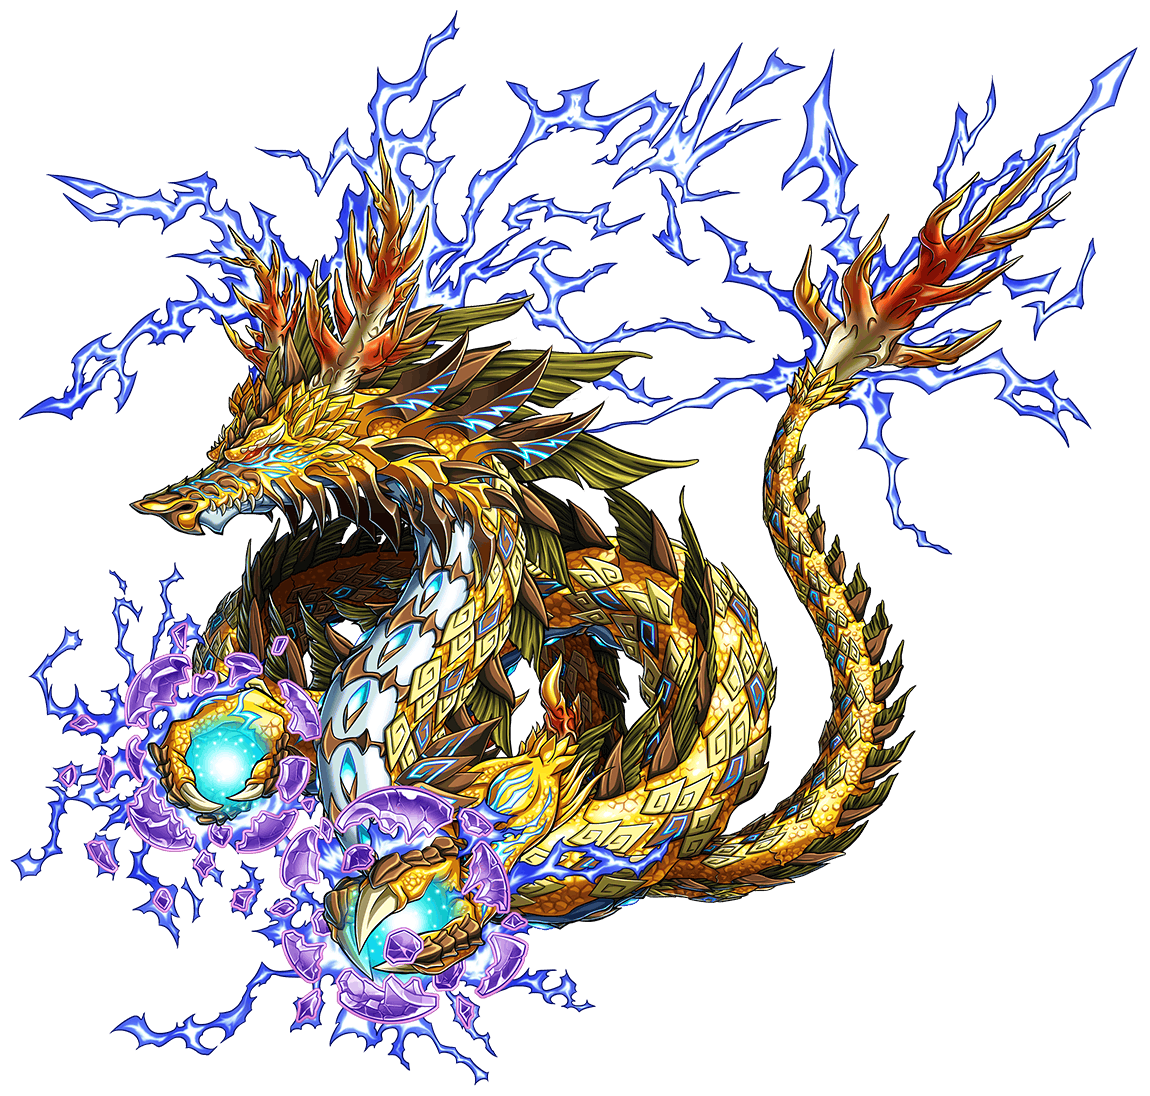 黄帝龍神ゾルダルク